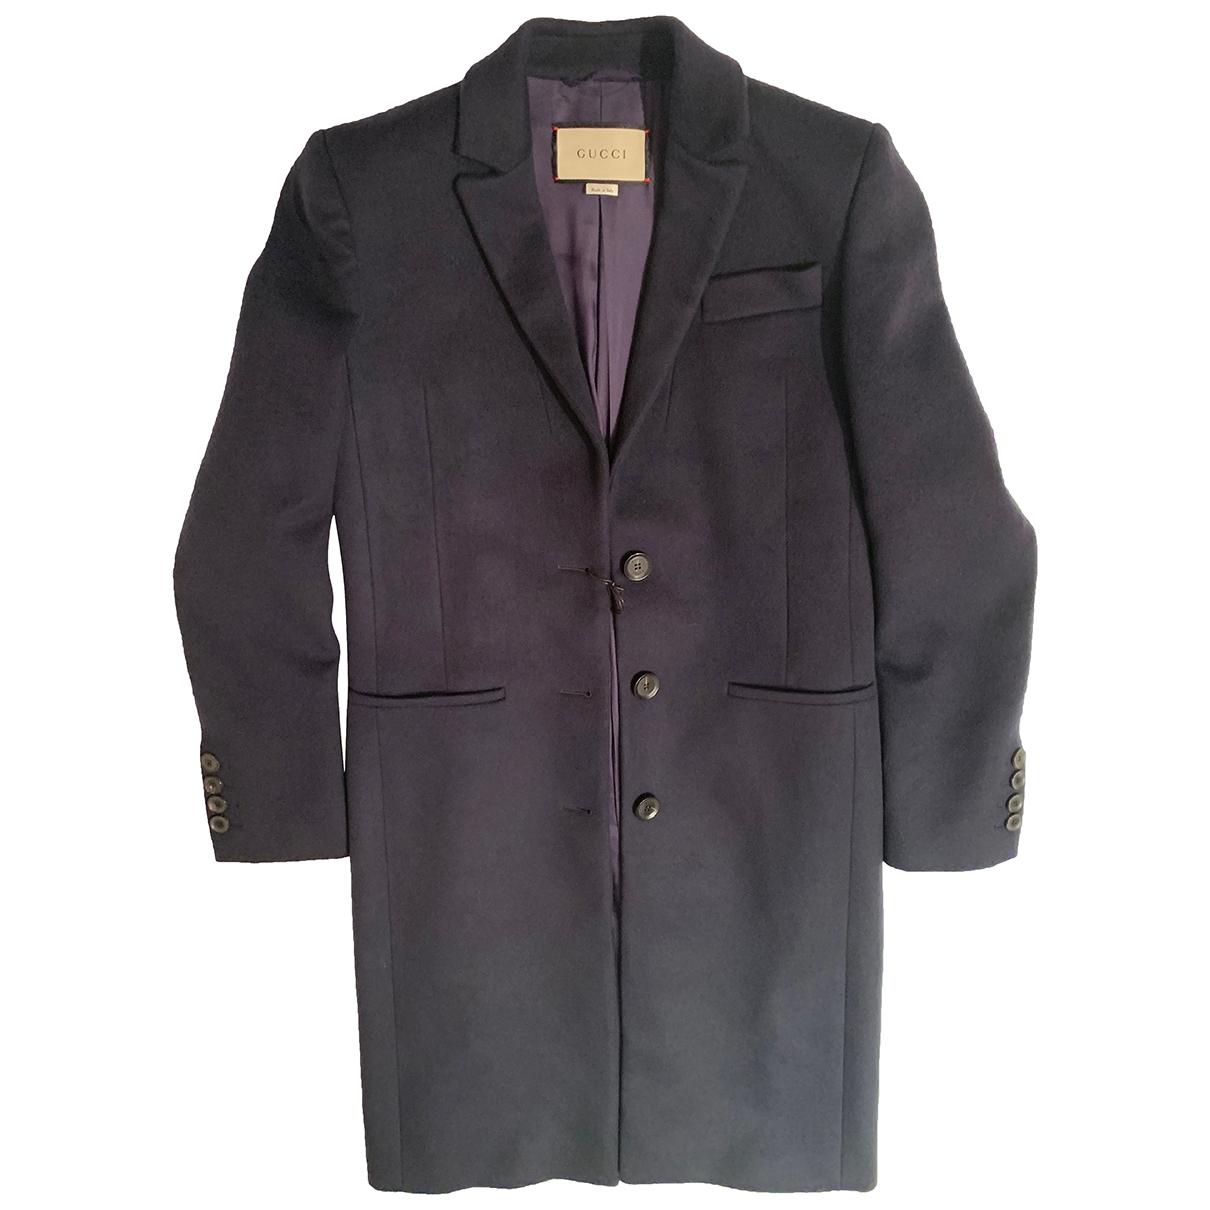 Gucci - Manteau   pour femme en laine - bleu